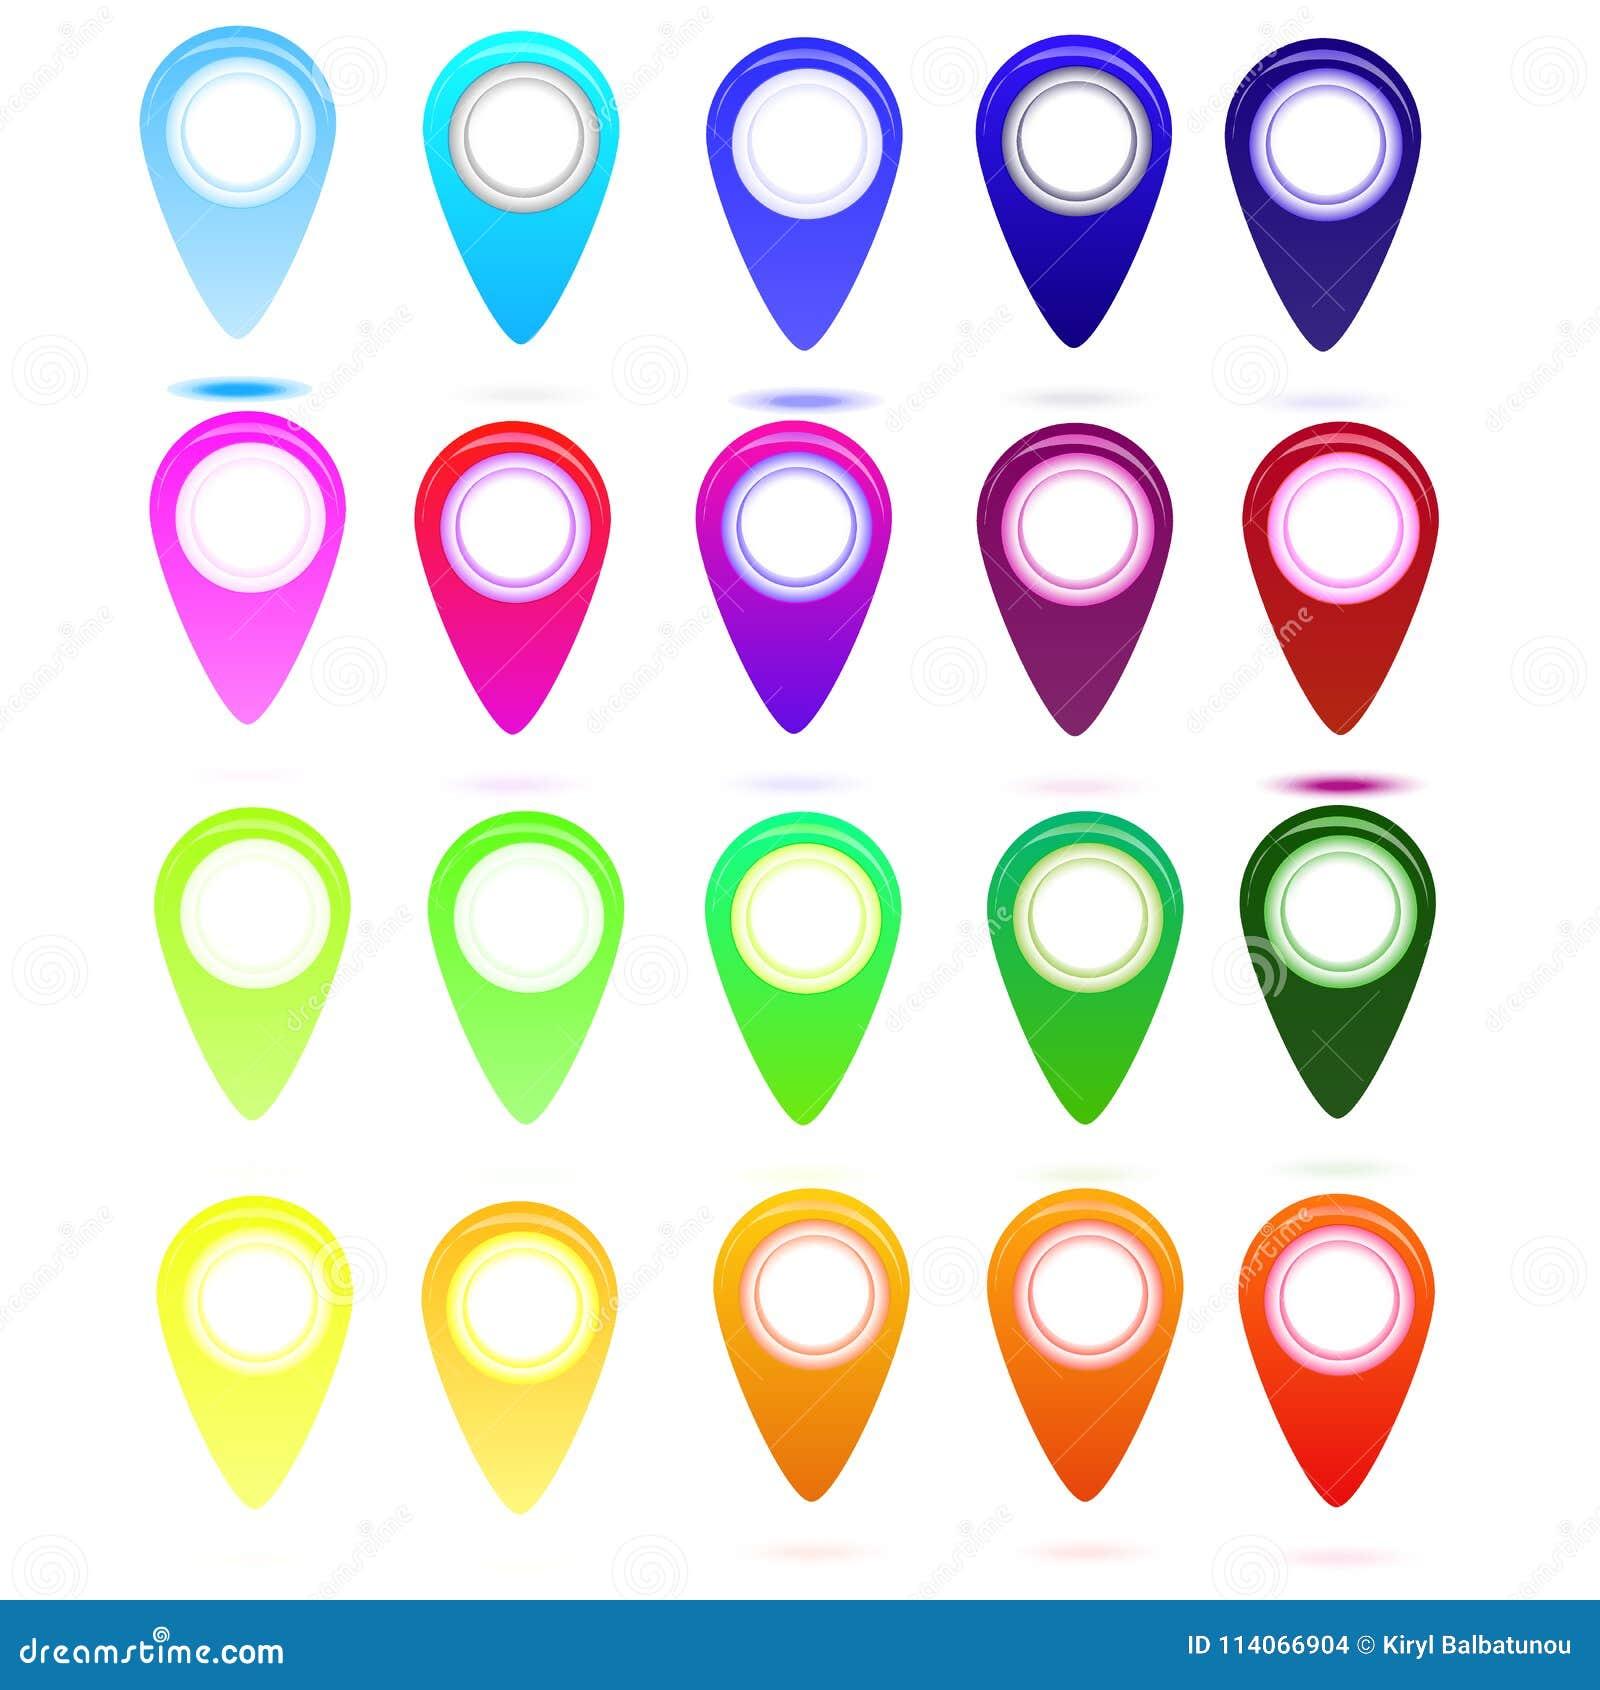 Πολύχρωμα στιλπνά σύμβολα σημείου χαρτών που τίθενται για τον παγκόσμιο χάρτη, εικονίδιο Ιστού βελών, αντικείμενο πλέγματος, info